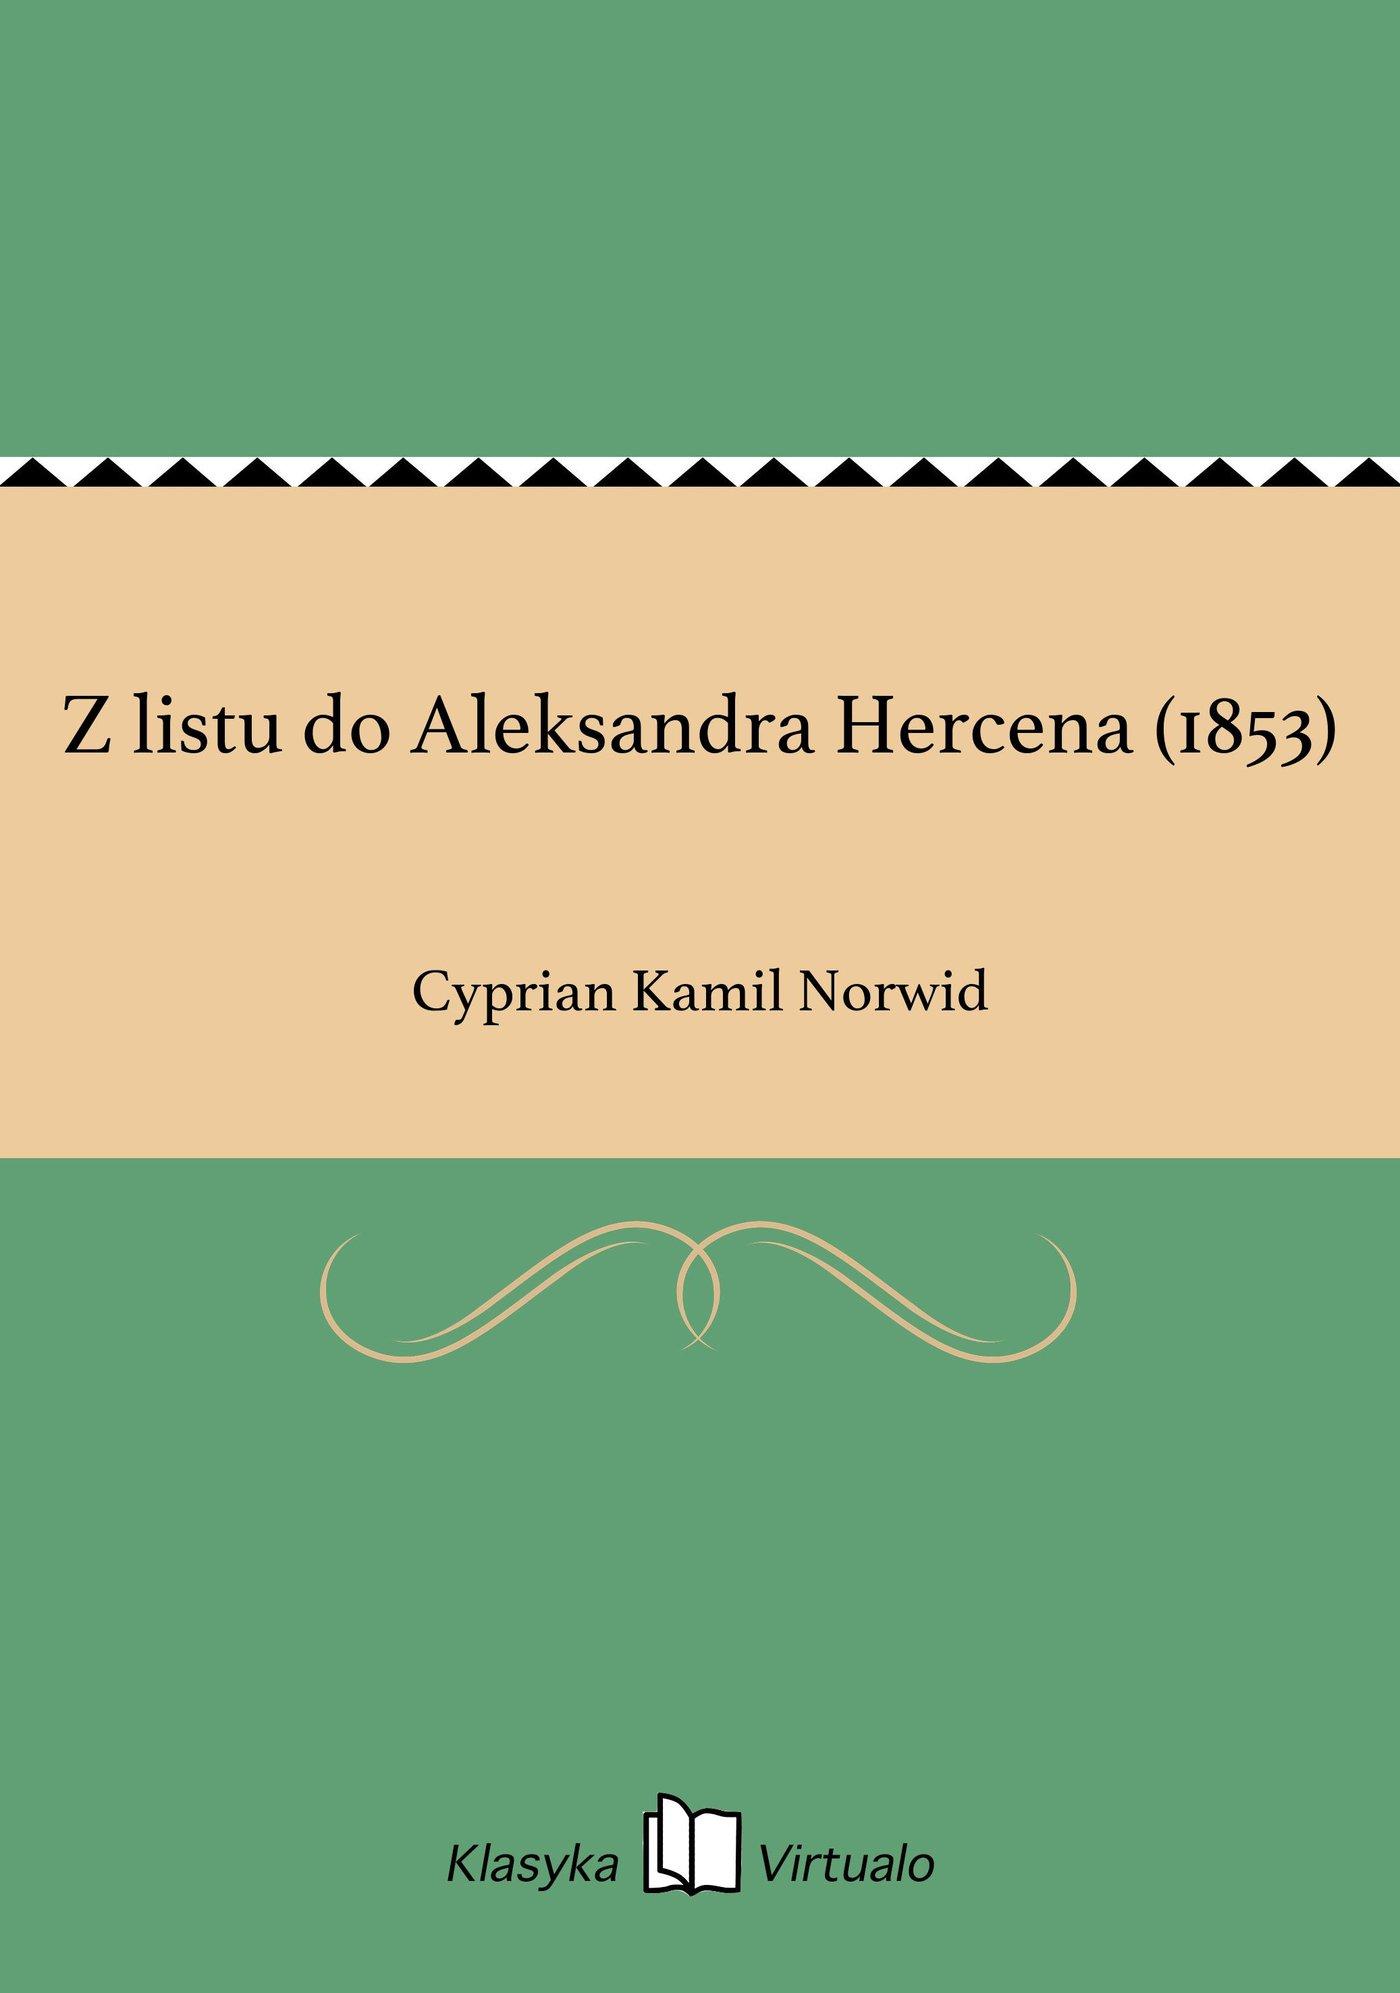 Z listu do Aleksandra Hercena (1853) - Ebook (Książka EPUB) do pobrania w formacie EPUB